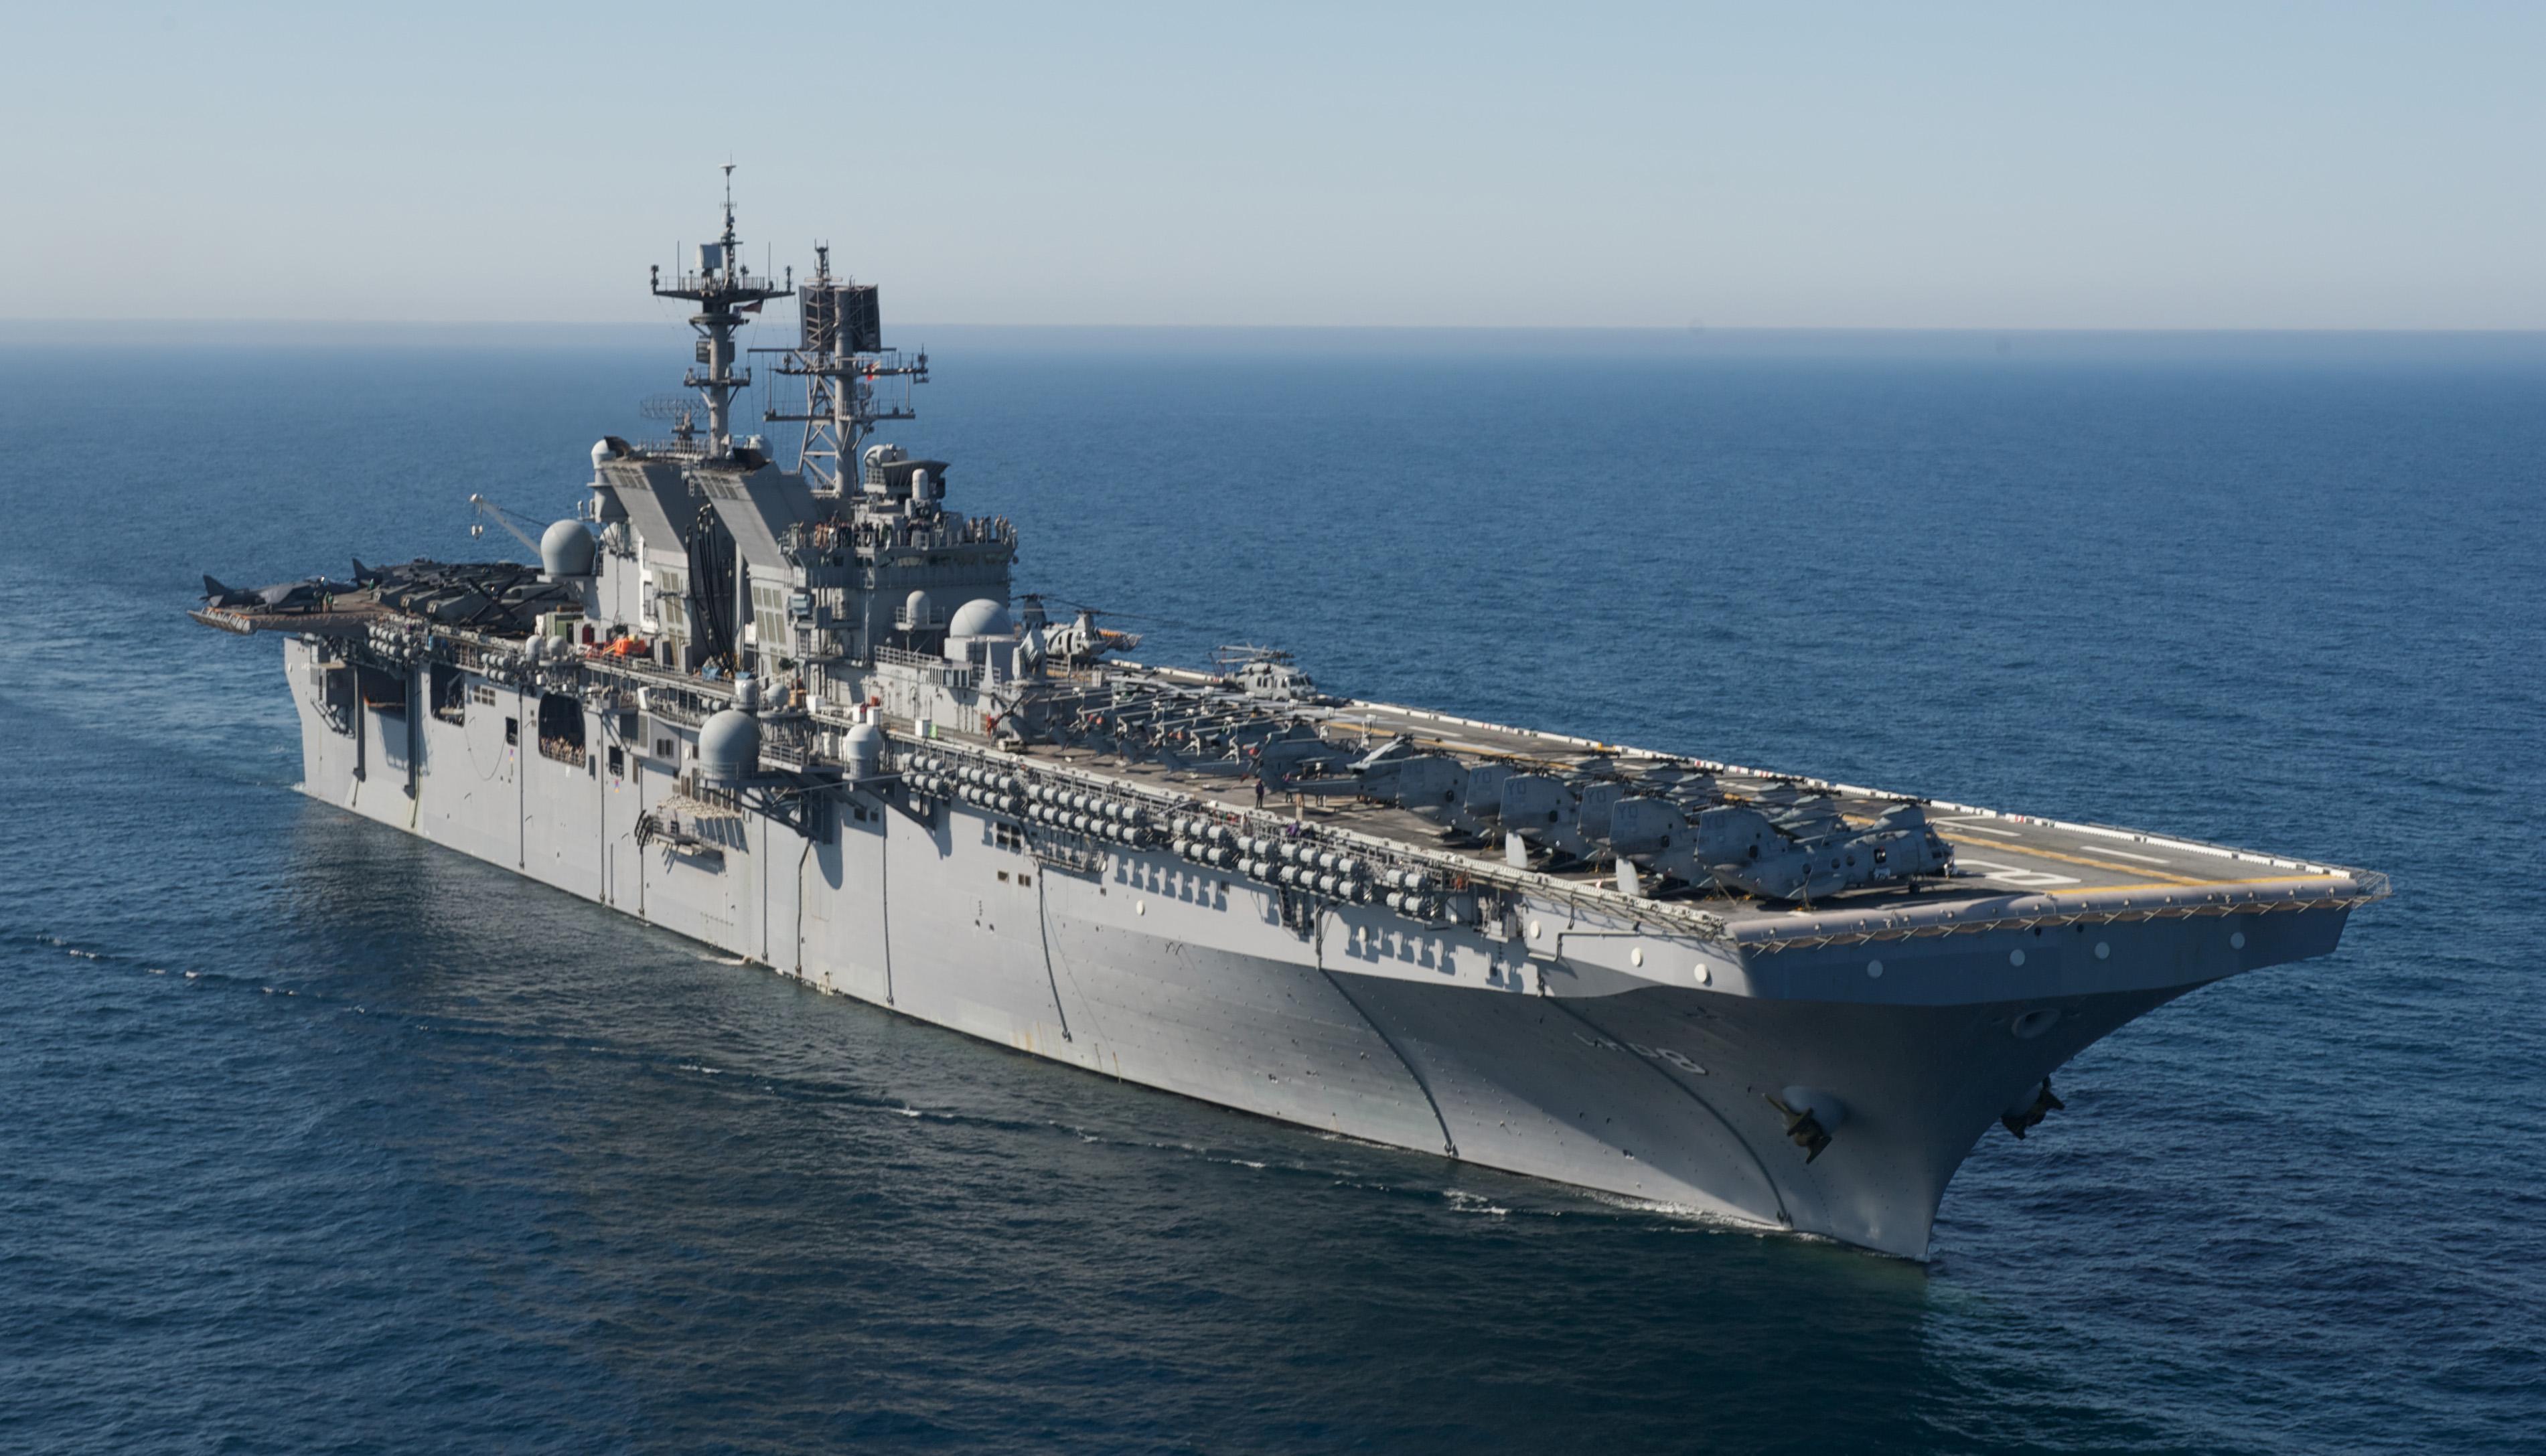 Американский эсминец «Росс», входящий в систему ПРО, вошел в Черное море